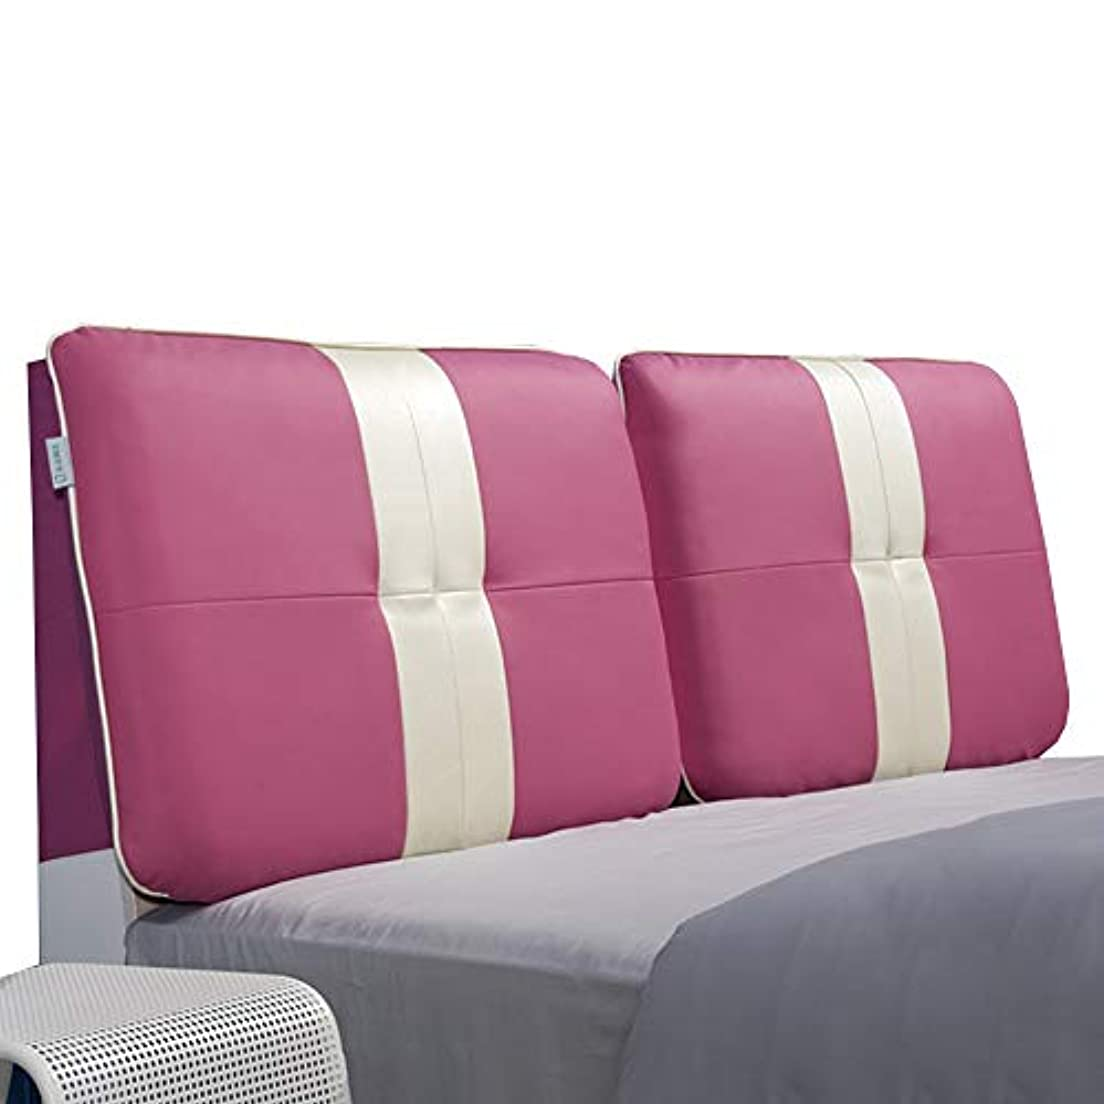 厚さ平らにする寝るLIANGLIANG クションベッドの背もたれ ベッドヘッドレストエクストララージダブルピープルスクラブPU耐久性通気性3色、17サイズ (色 : Pink, サイズ さいず : 155x60x10cm)